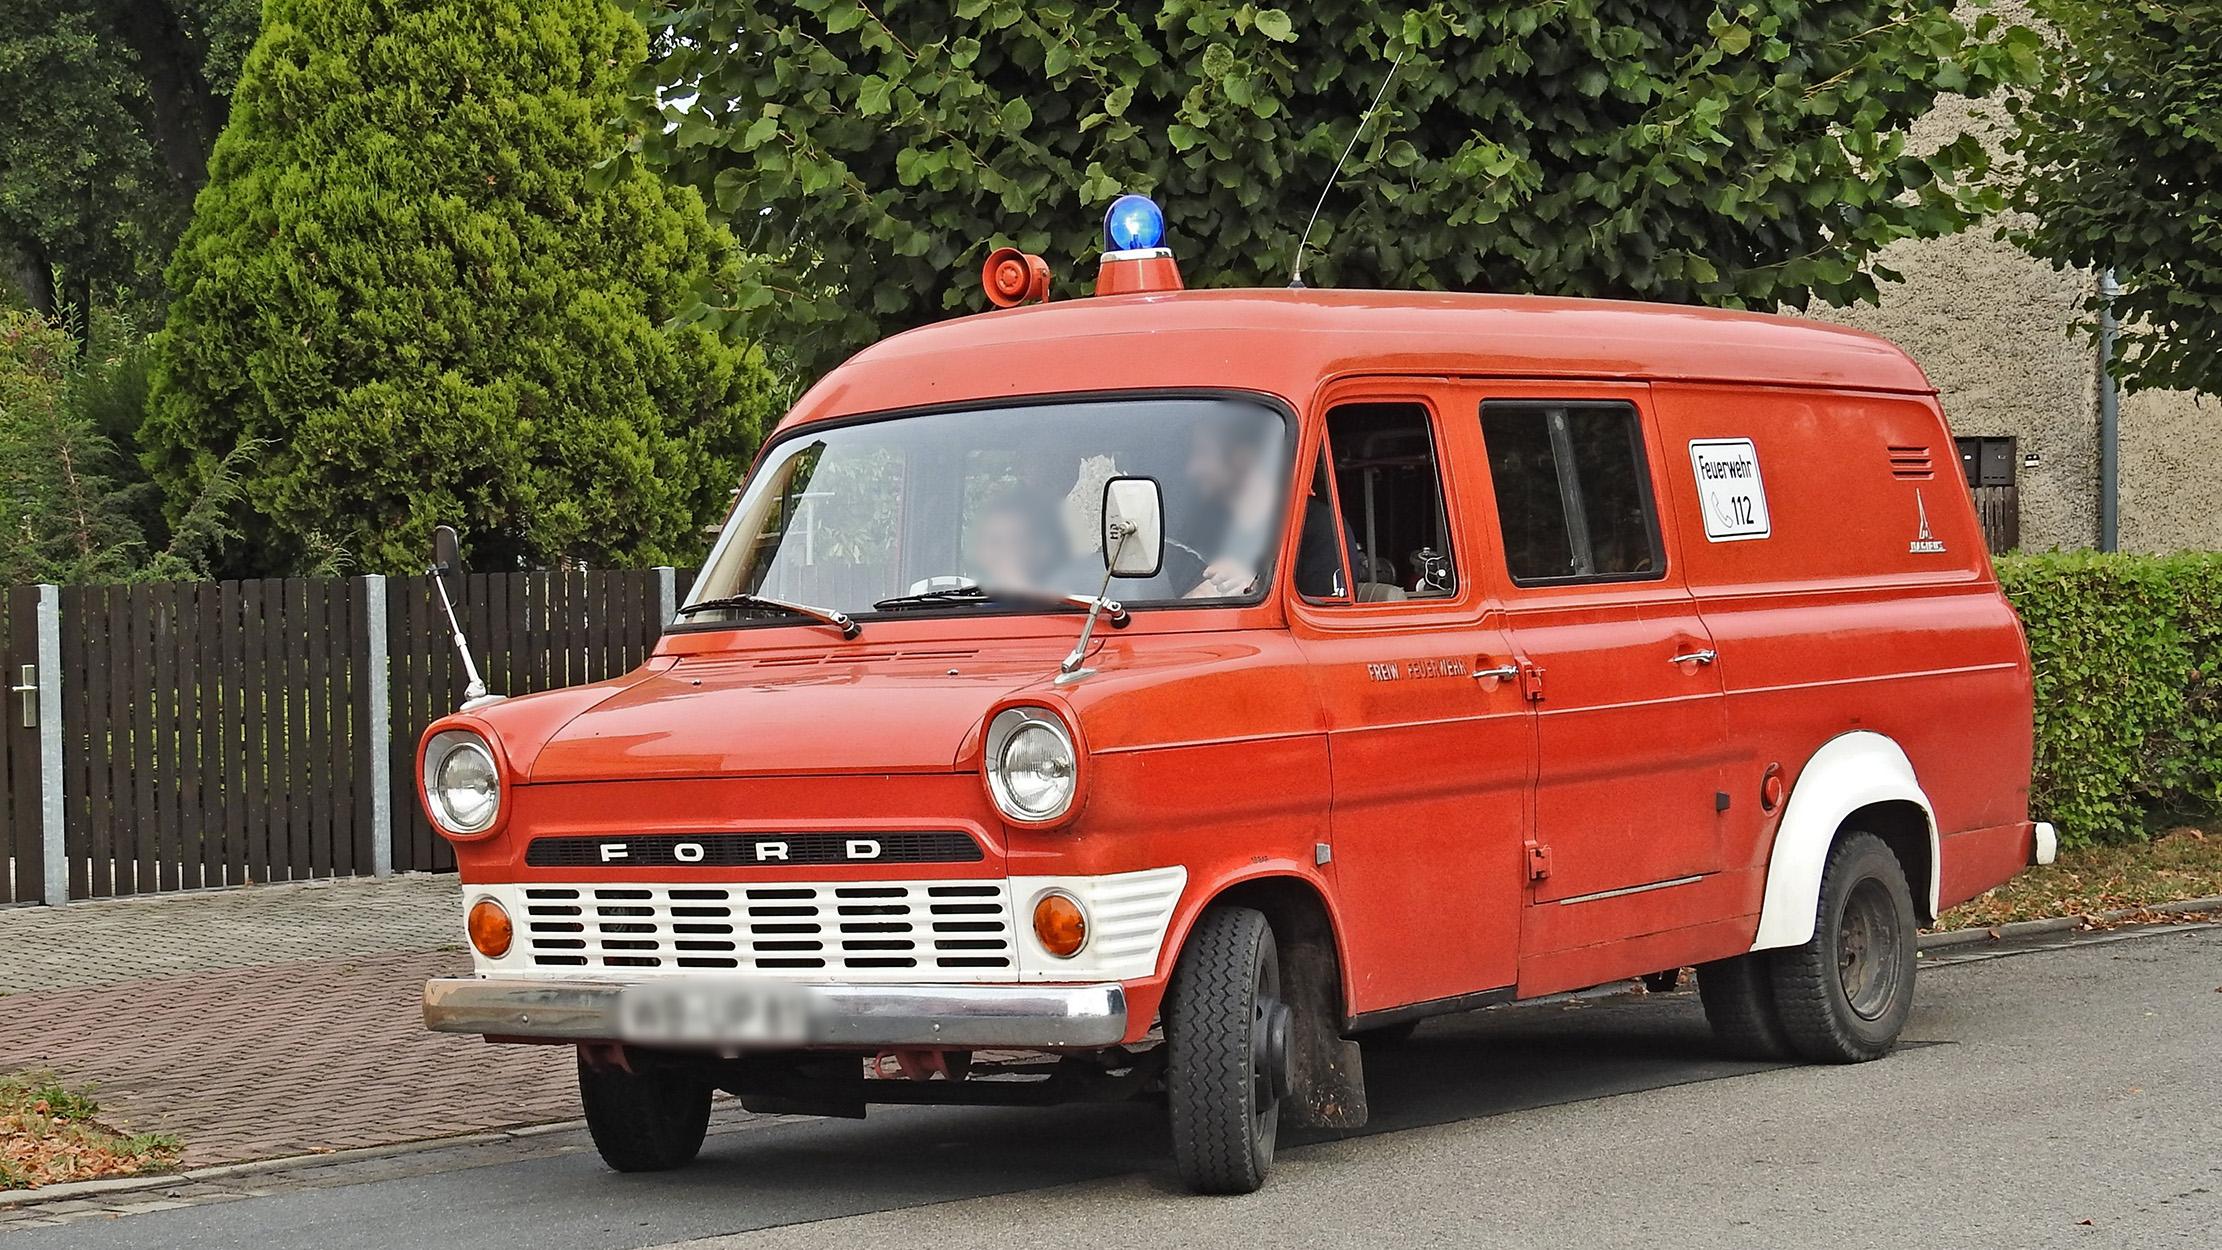 Dumm-gelaufen-rger-um-ersteigertes-Feuerwehrauto